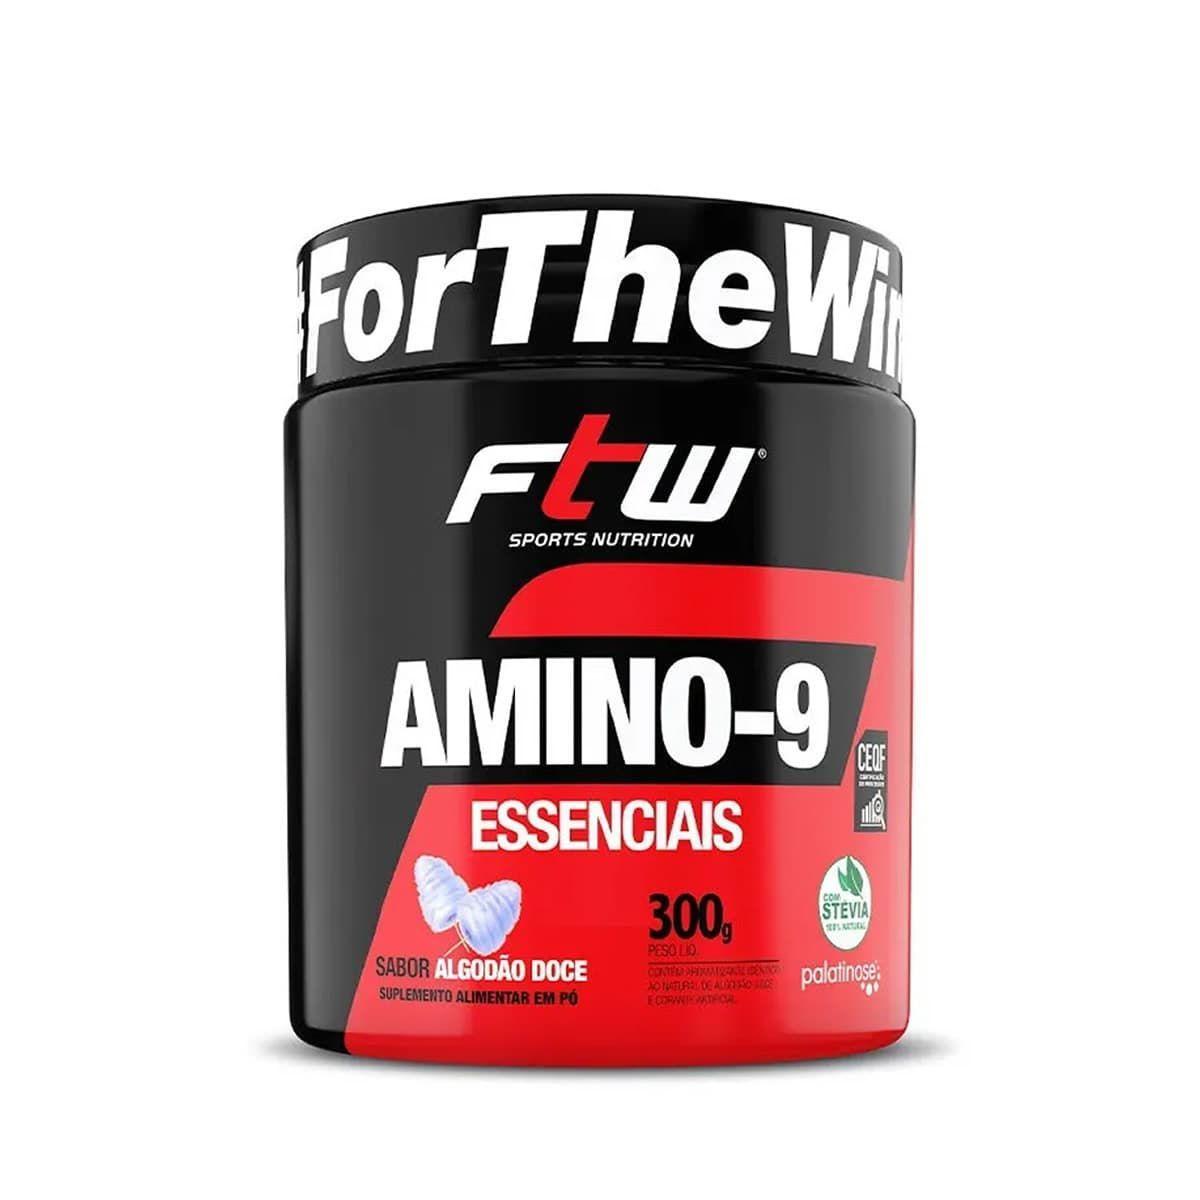 AMINO-9 ESSENCIAIS| 300G|FTW